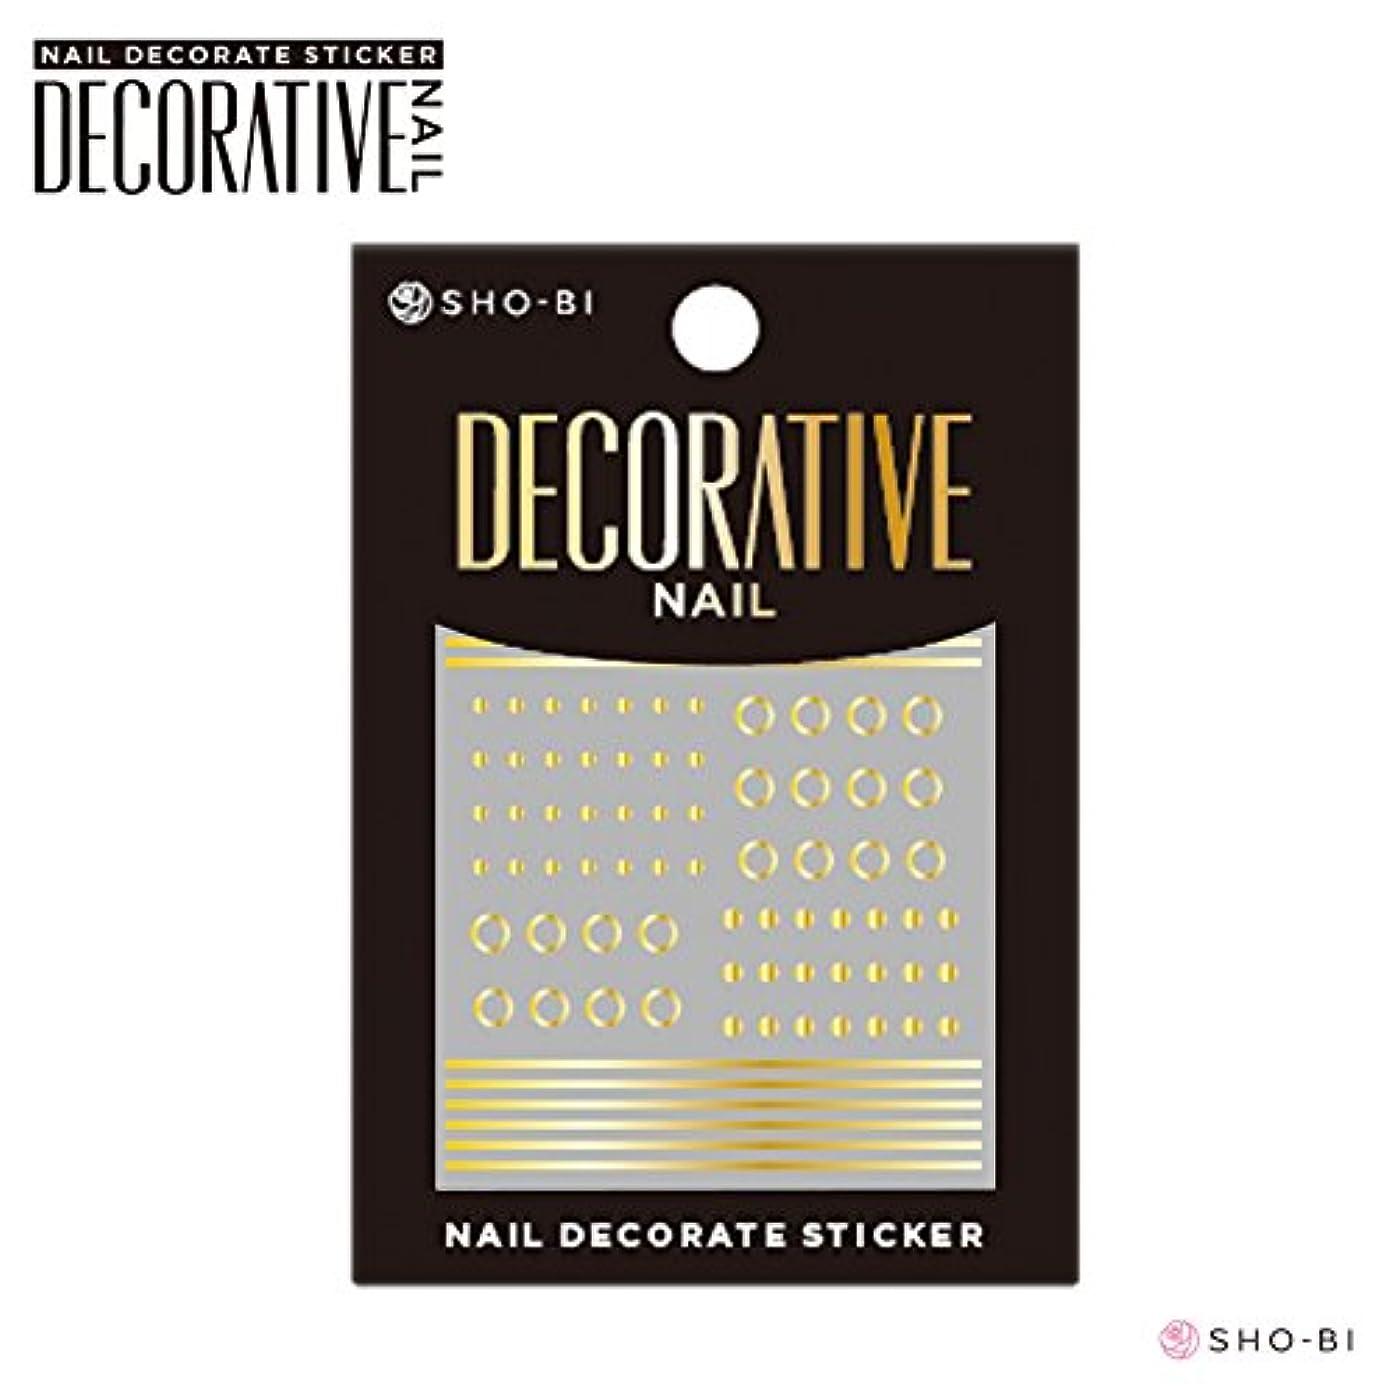 四回脱走展開するDecorative Nail デコラティブネイル9